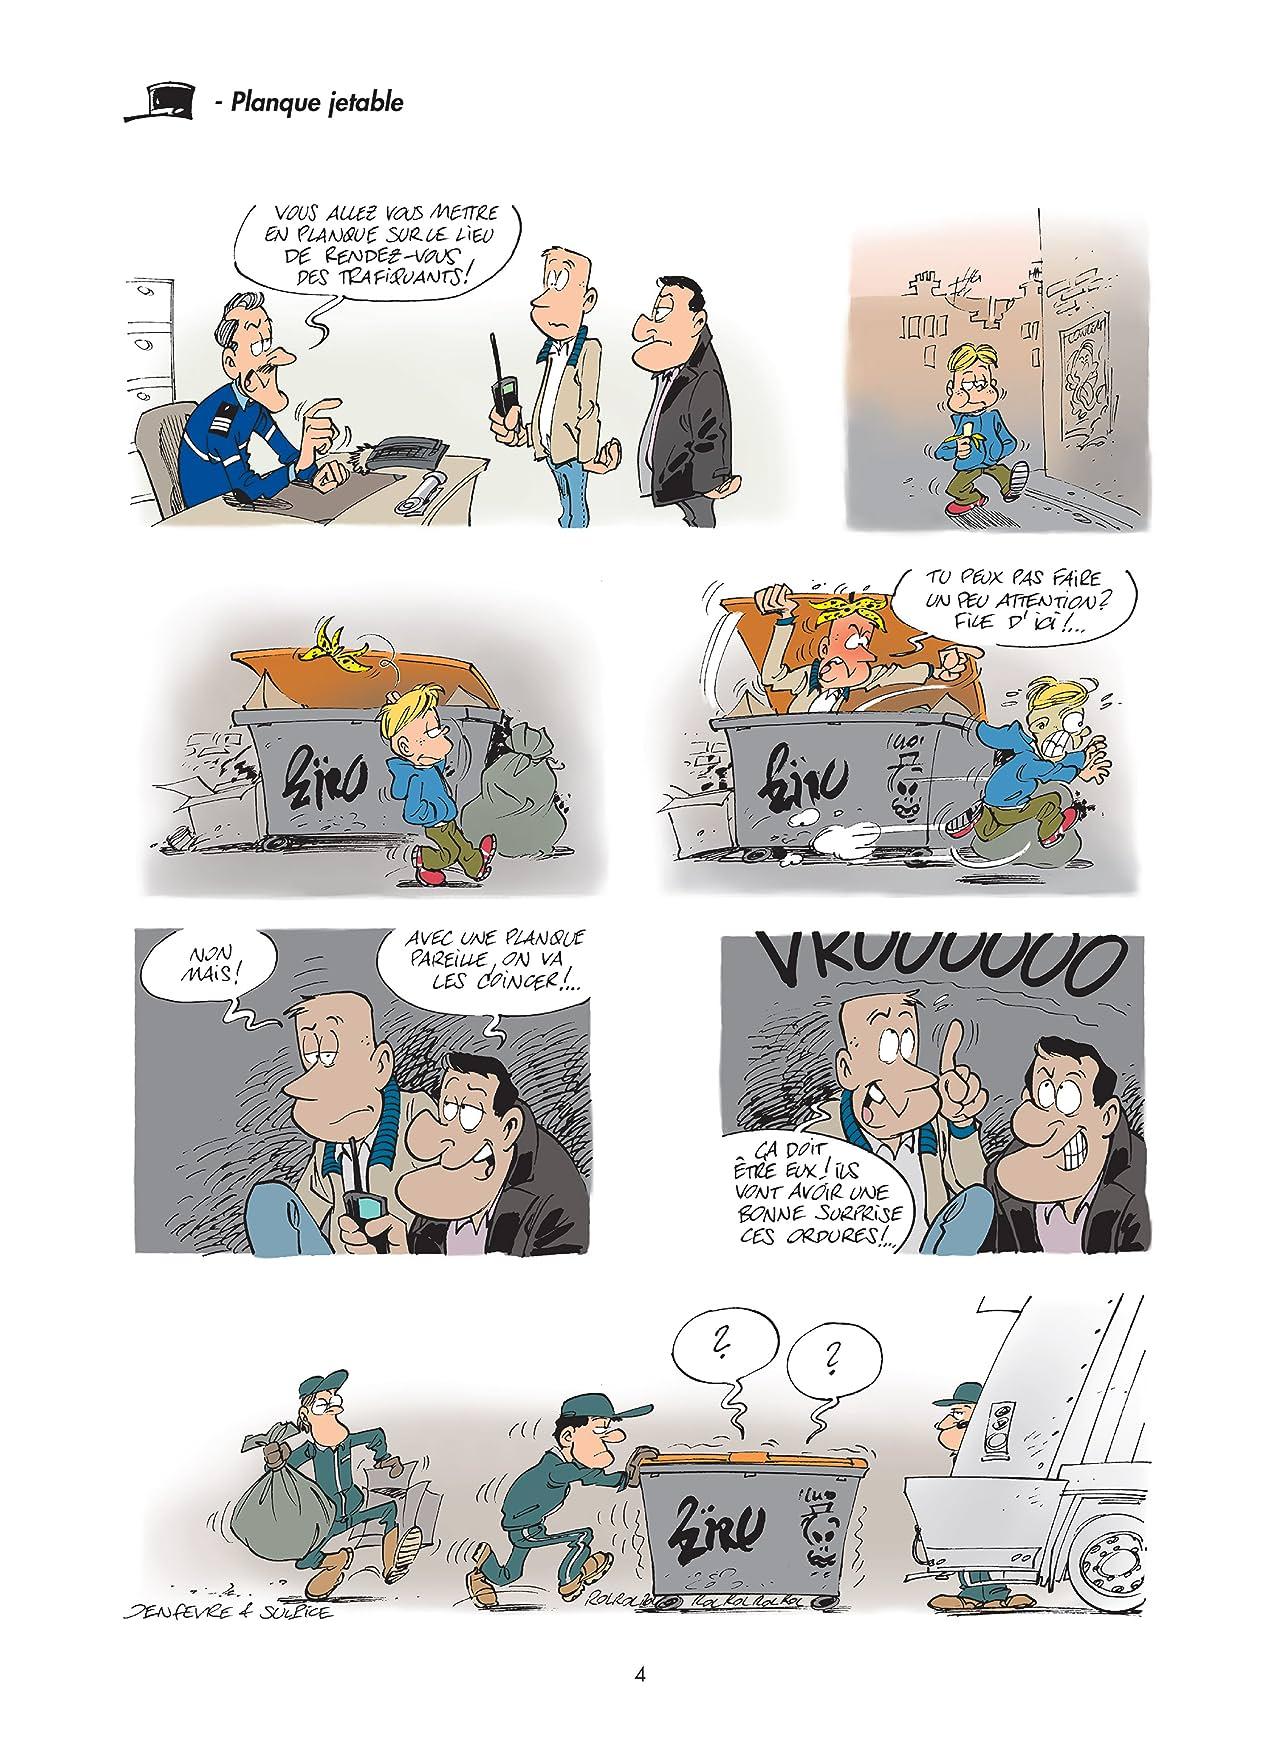 Les Gendarmes Vol. 2: Procès vert pâle